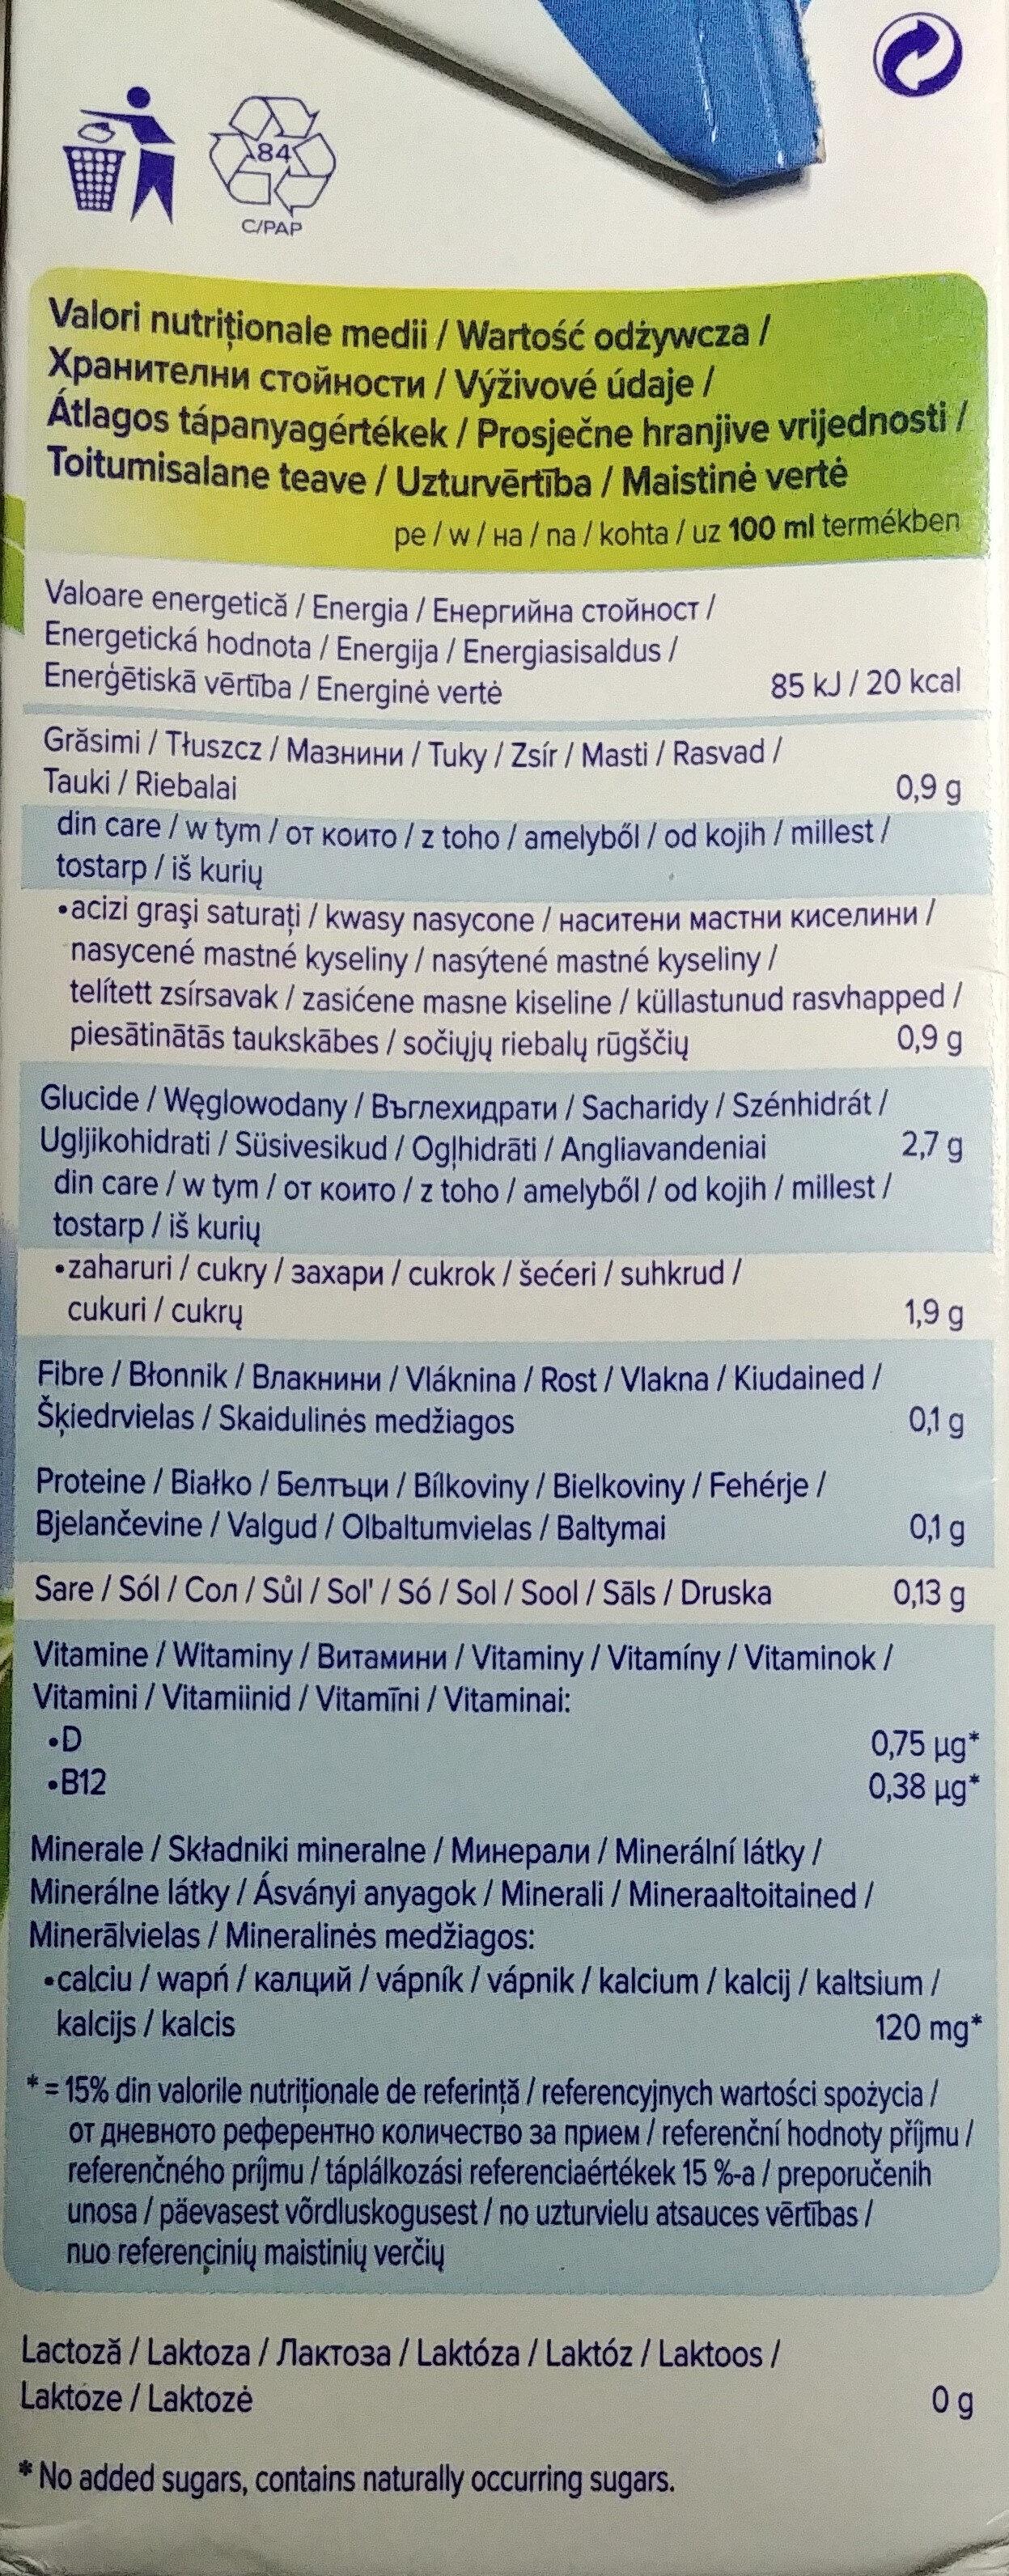 Kokosnuss - Wartości odżywcze - pl